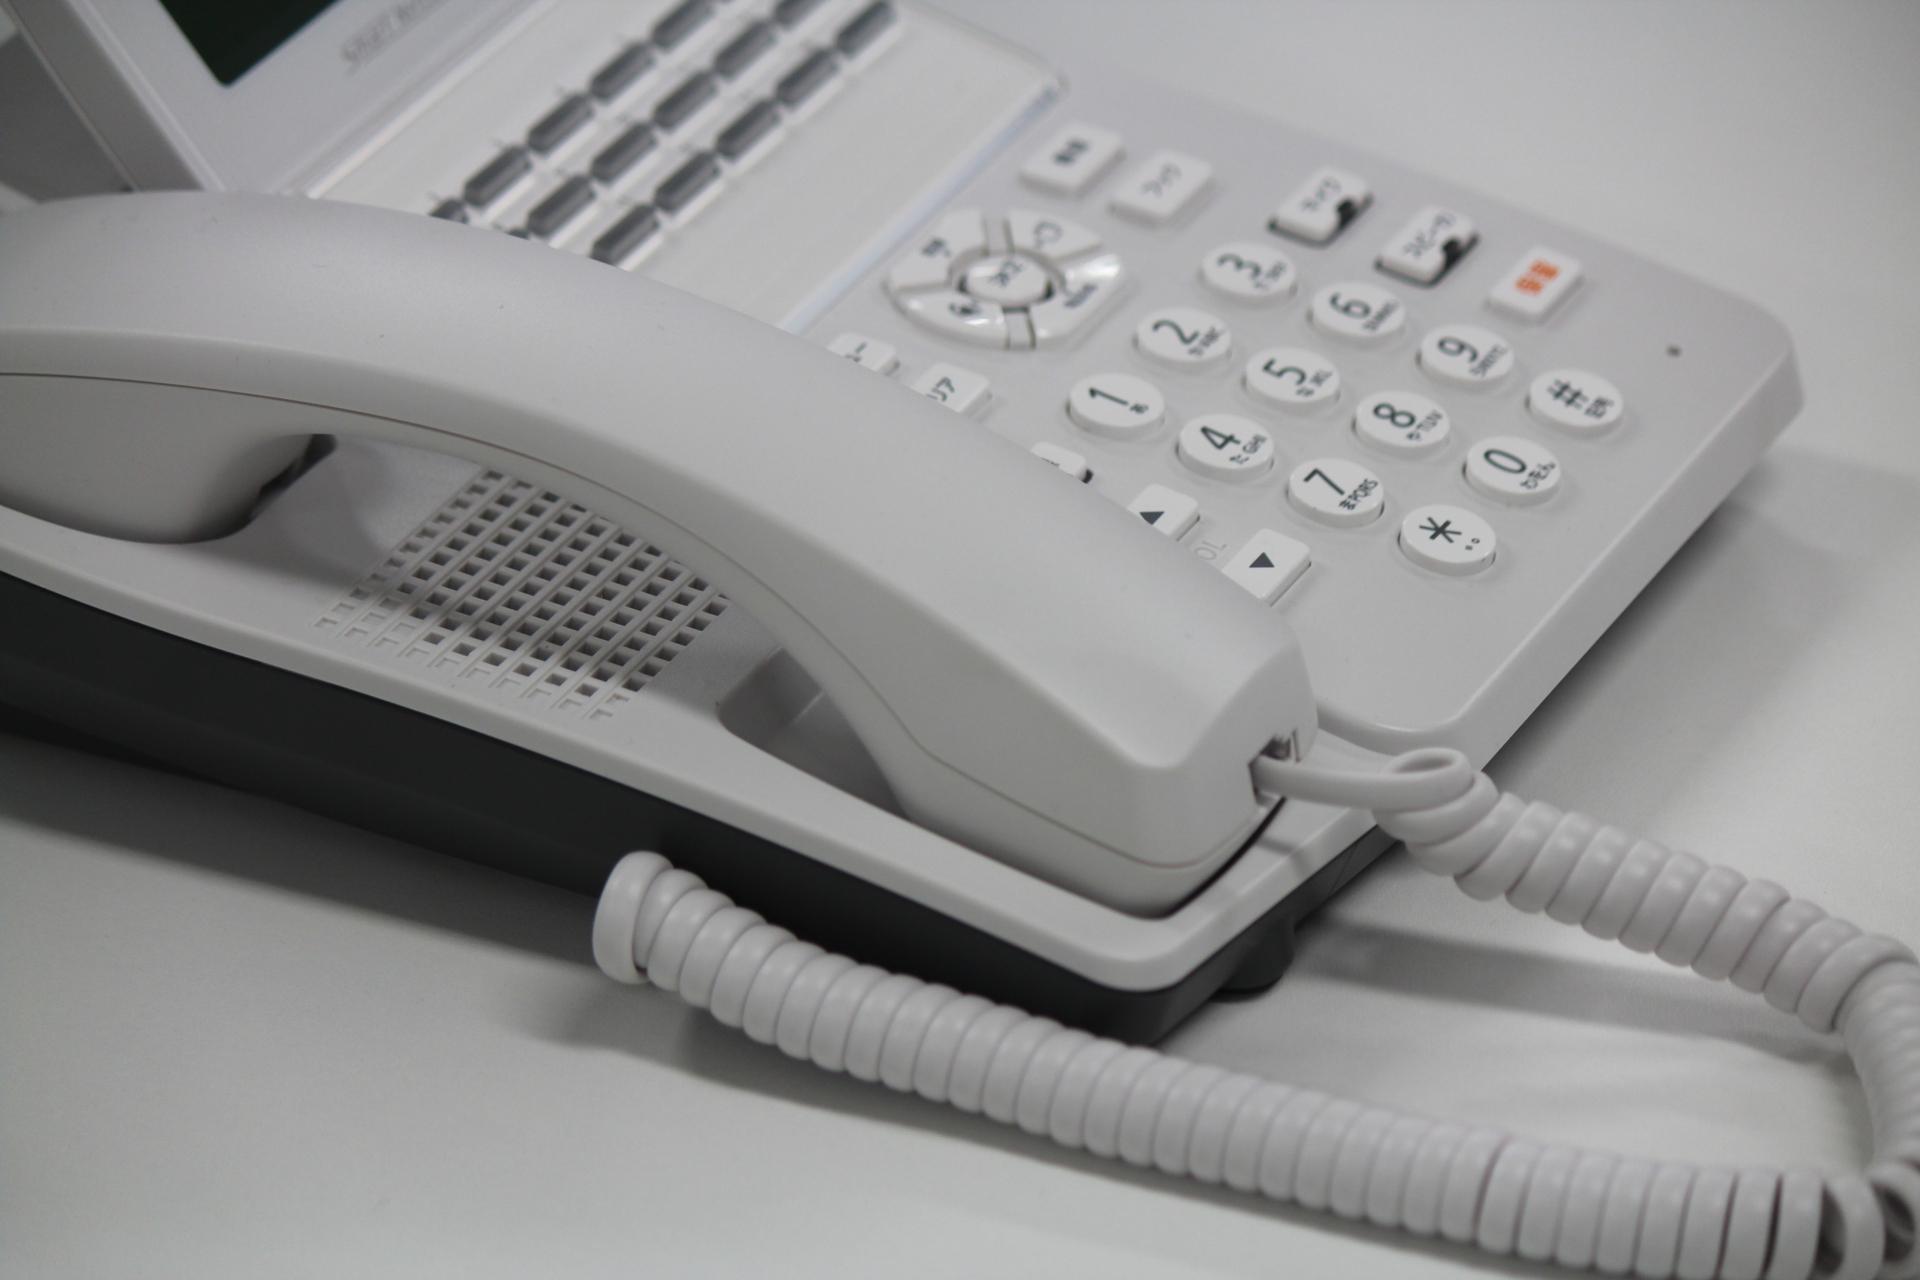 淡路駅のシェアオフィス・レンタルオフィス淡路駅前ラボ 電話FAX事情